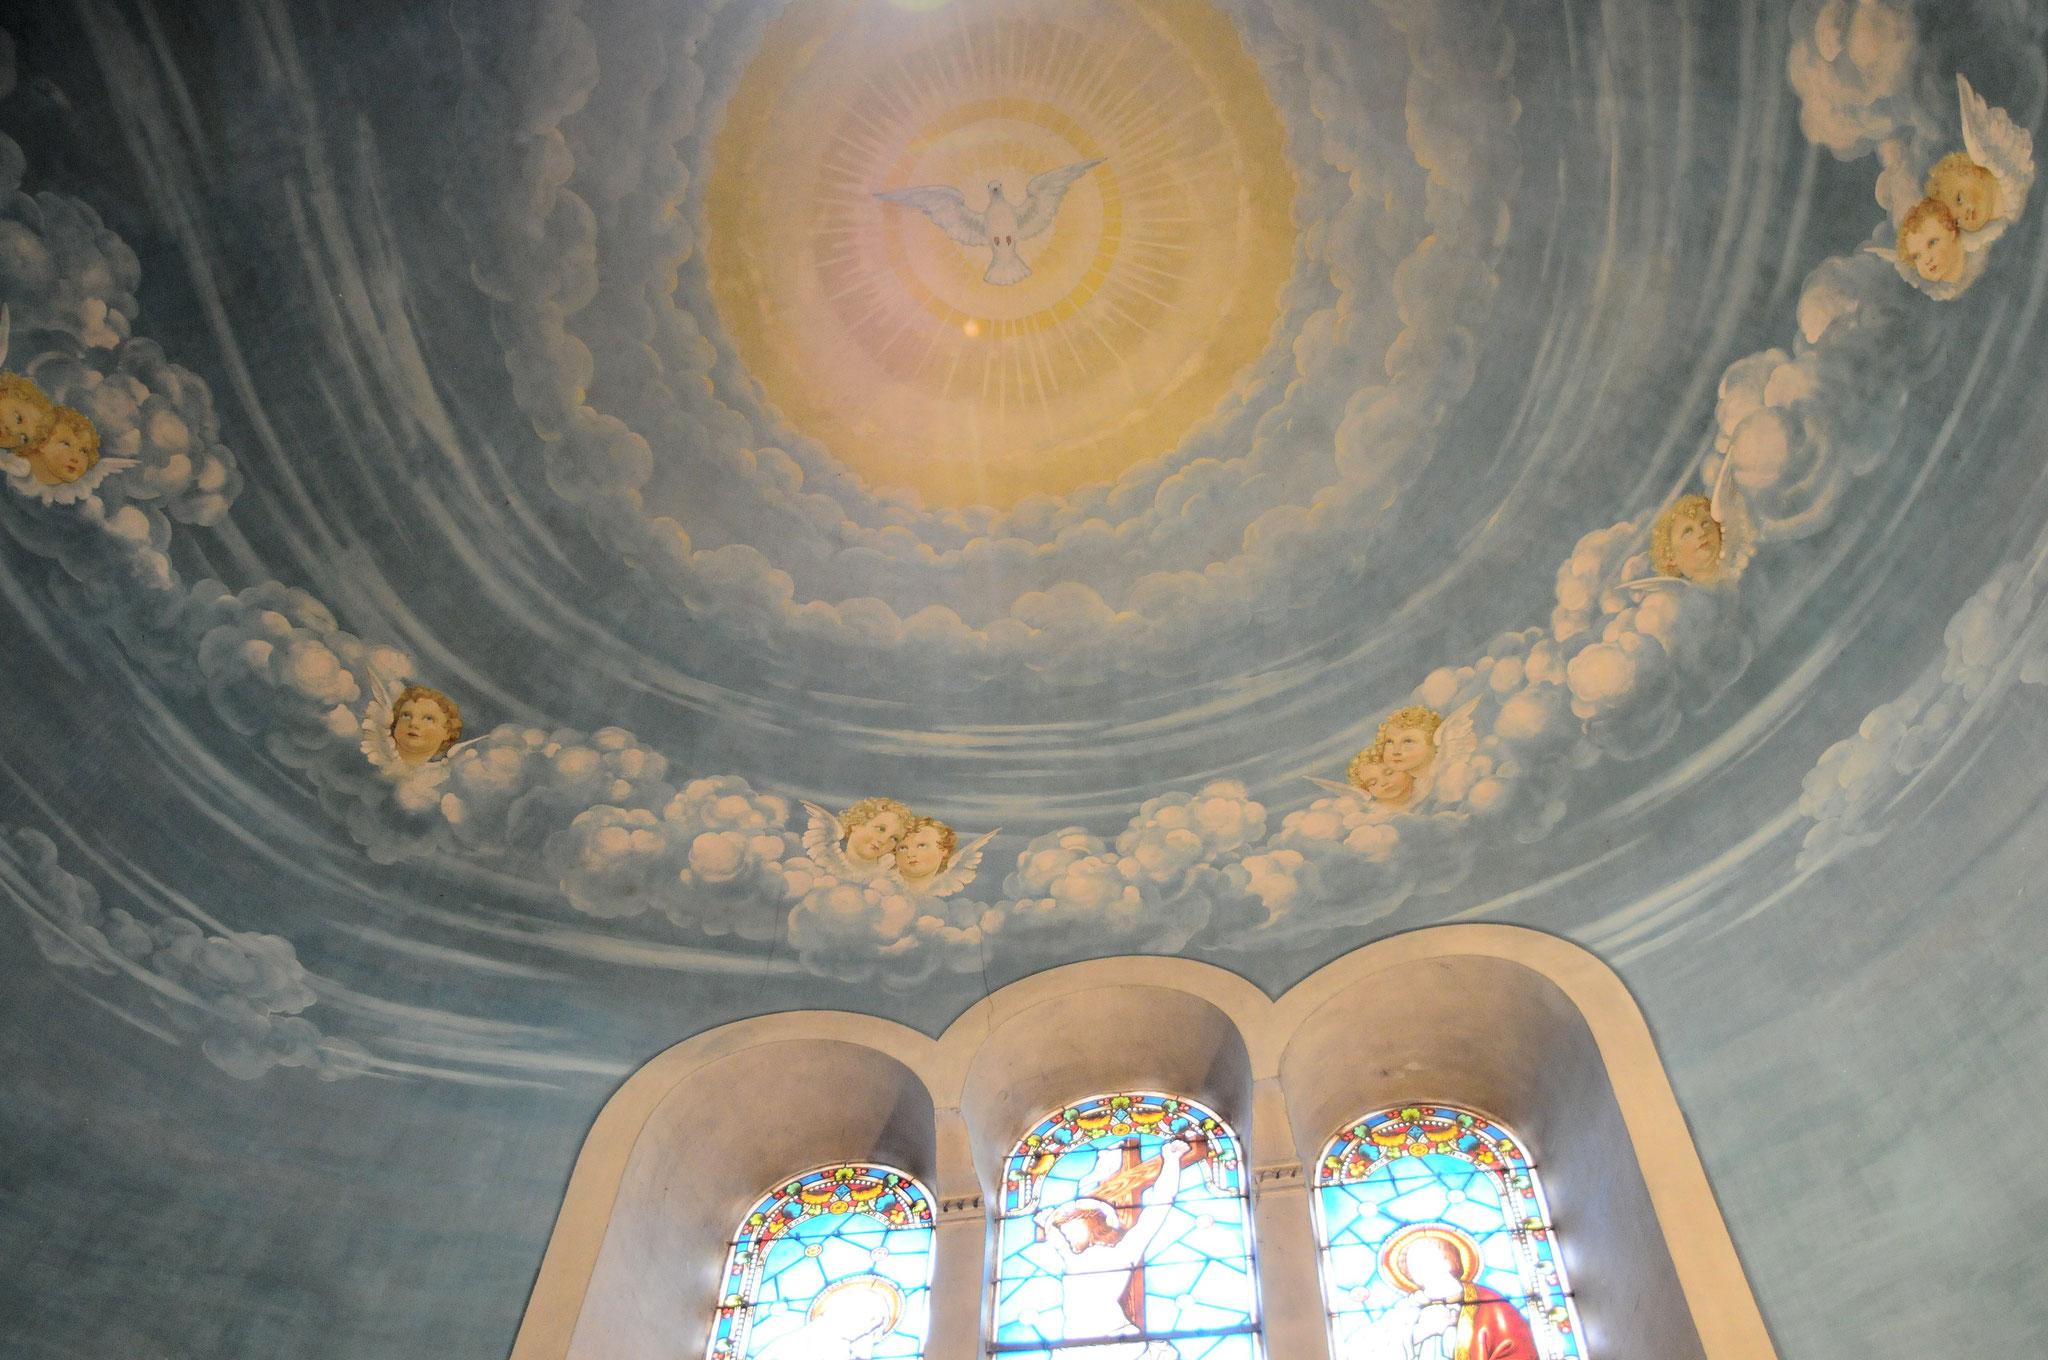 L'église Sainte Marie-Madeleine de Duras : peintures en trompe-l'œil de Masutti